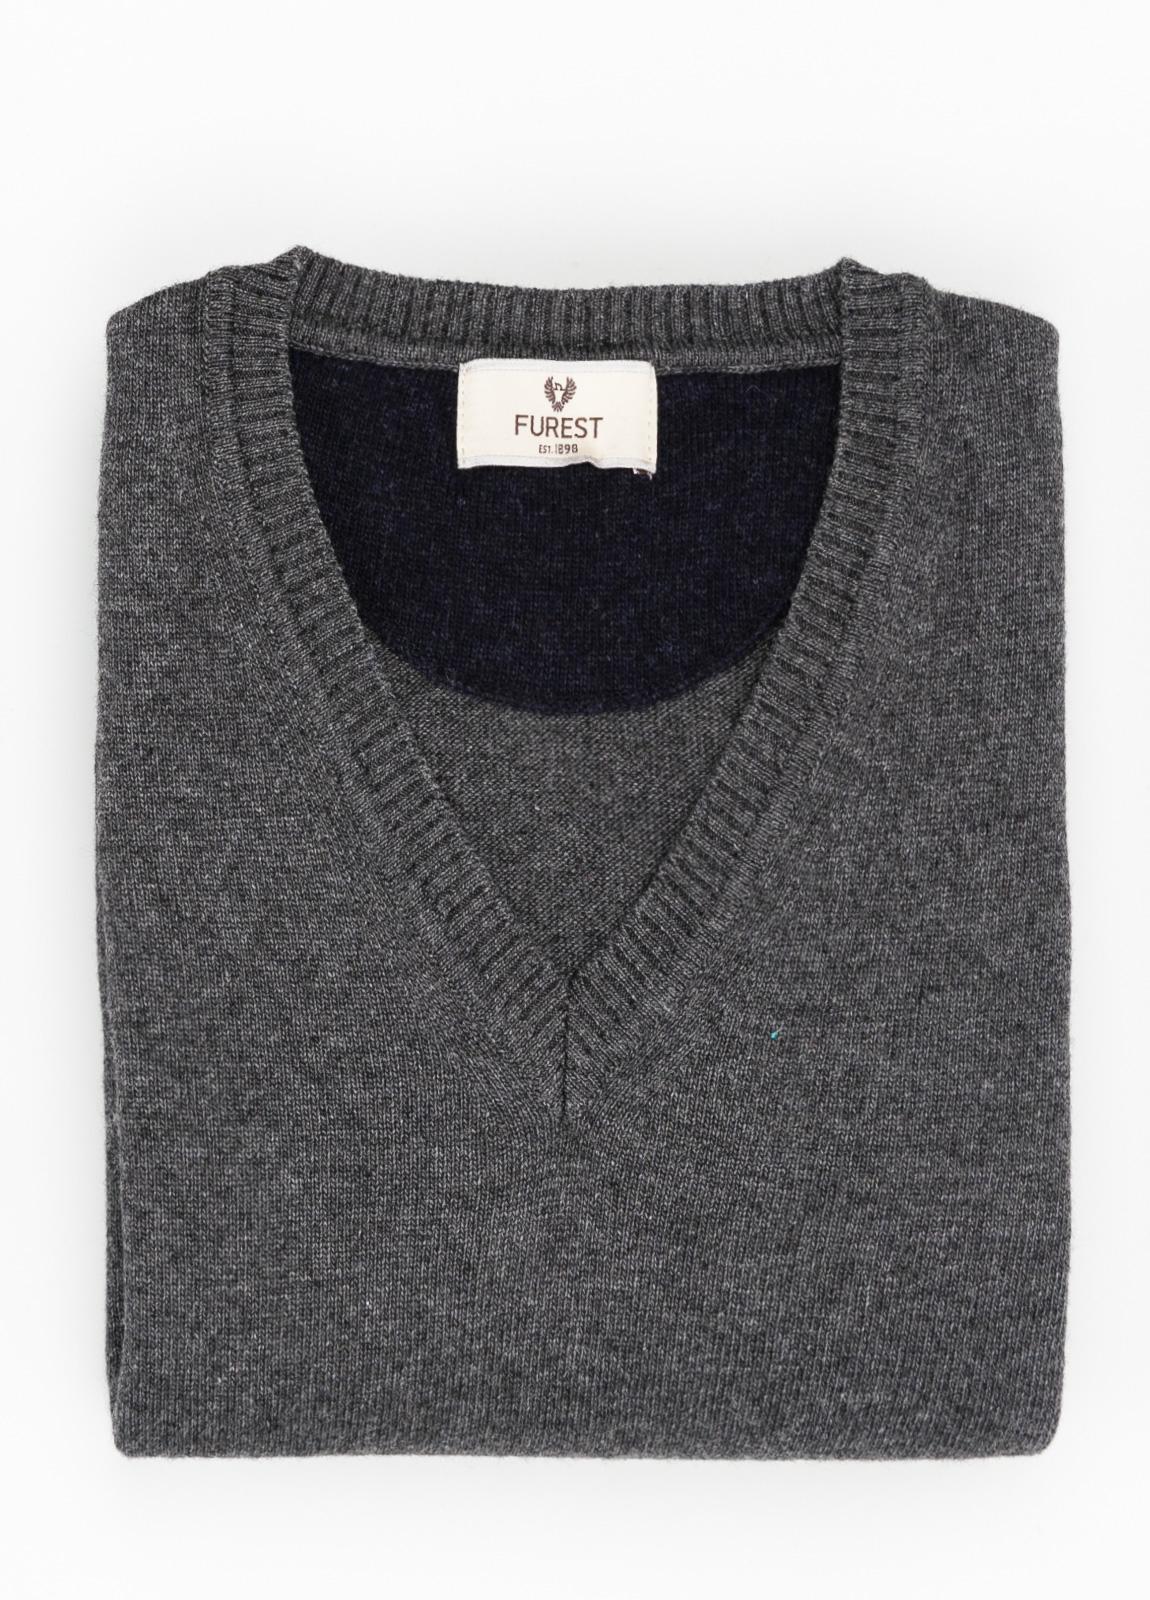 Jersey liso cuello pico color gris marengo, 40% lana merino, 20% viscosa, 10% cachemire - Ítem1